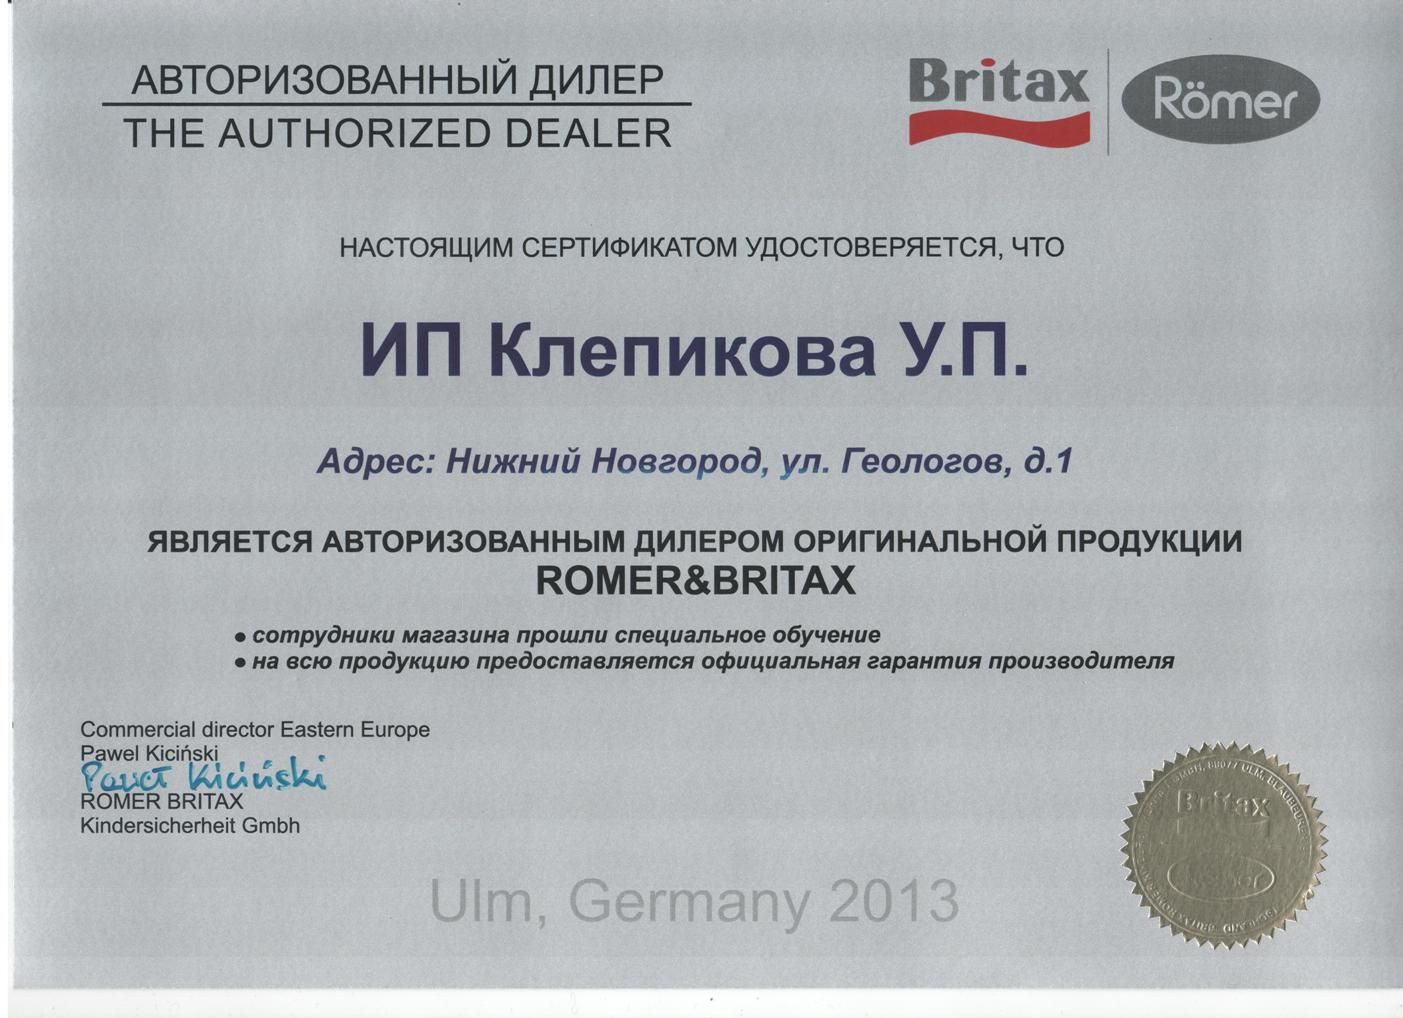 Непоседа-НН.РФ — авторизованный дилер оригинальной продукции Romer&Britax.